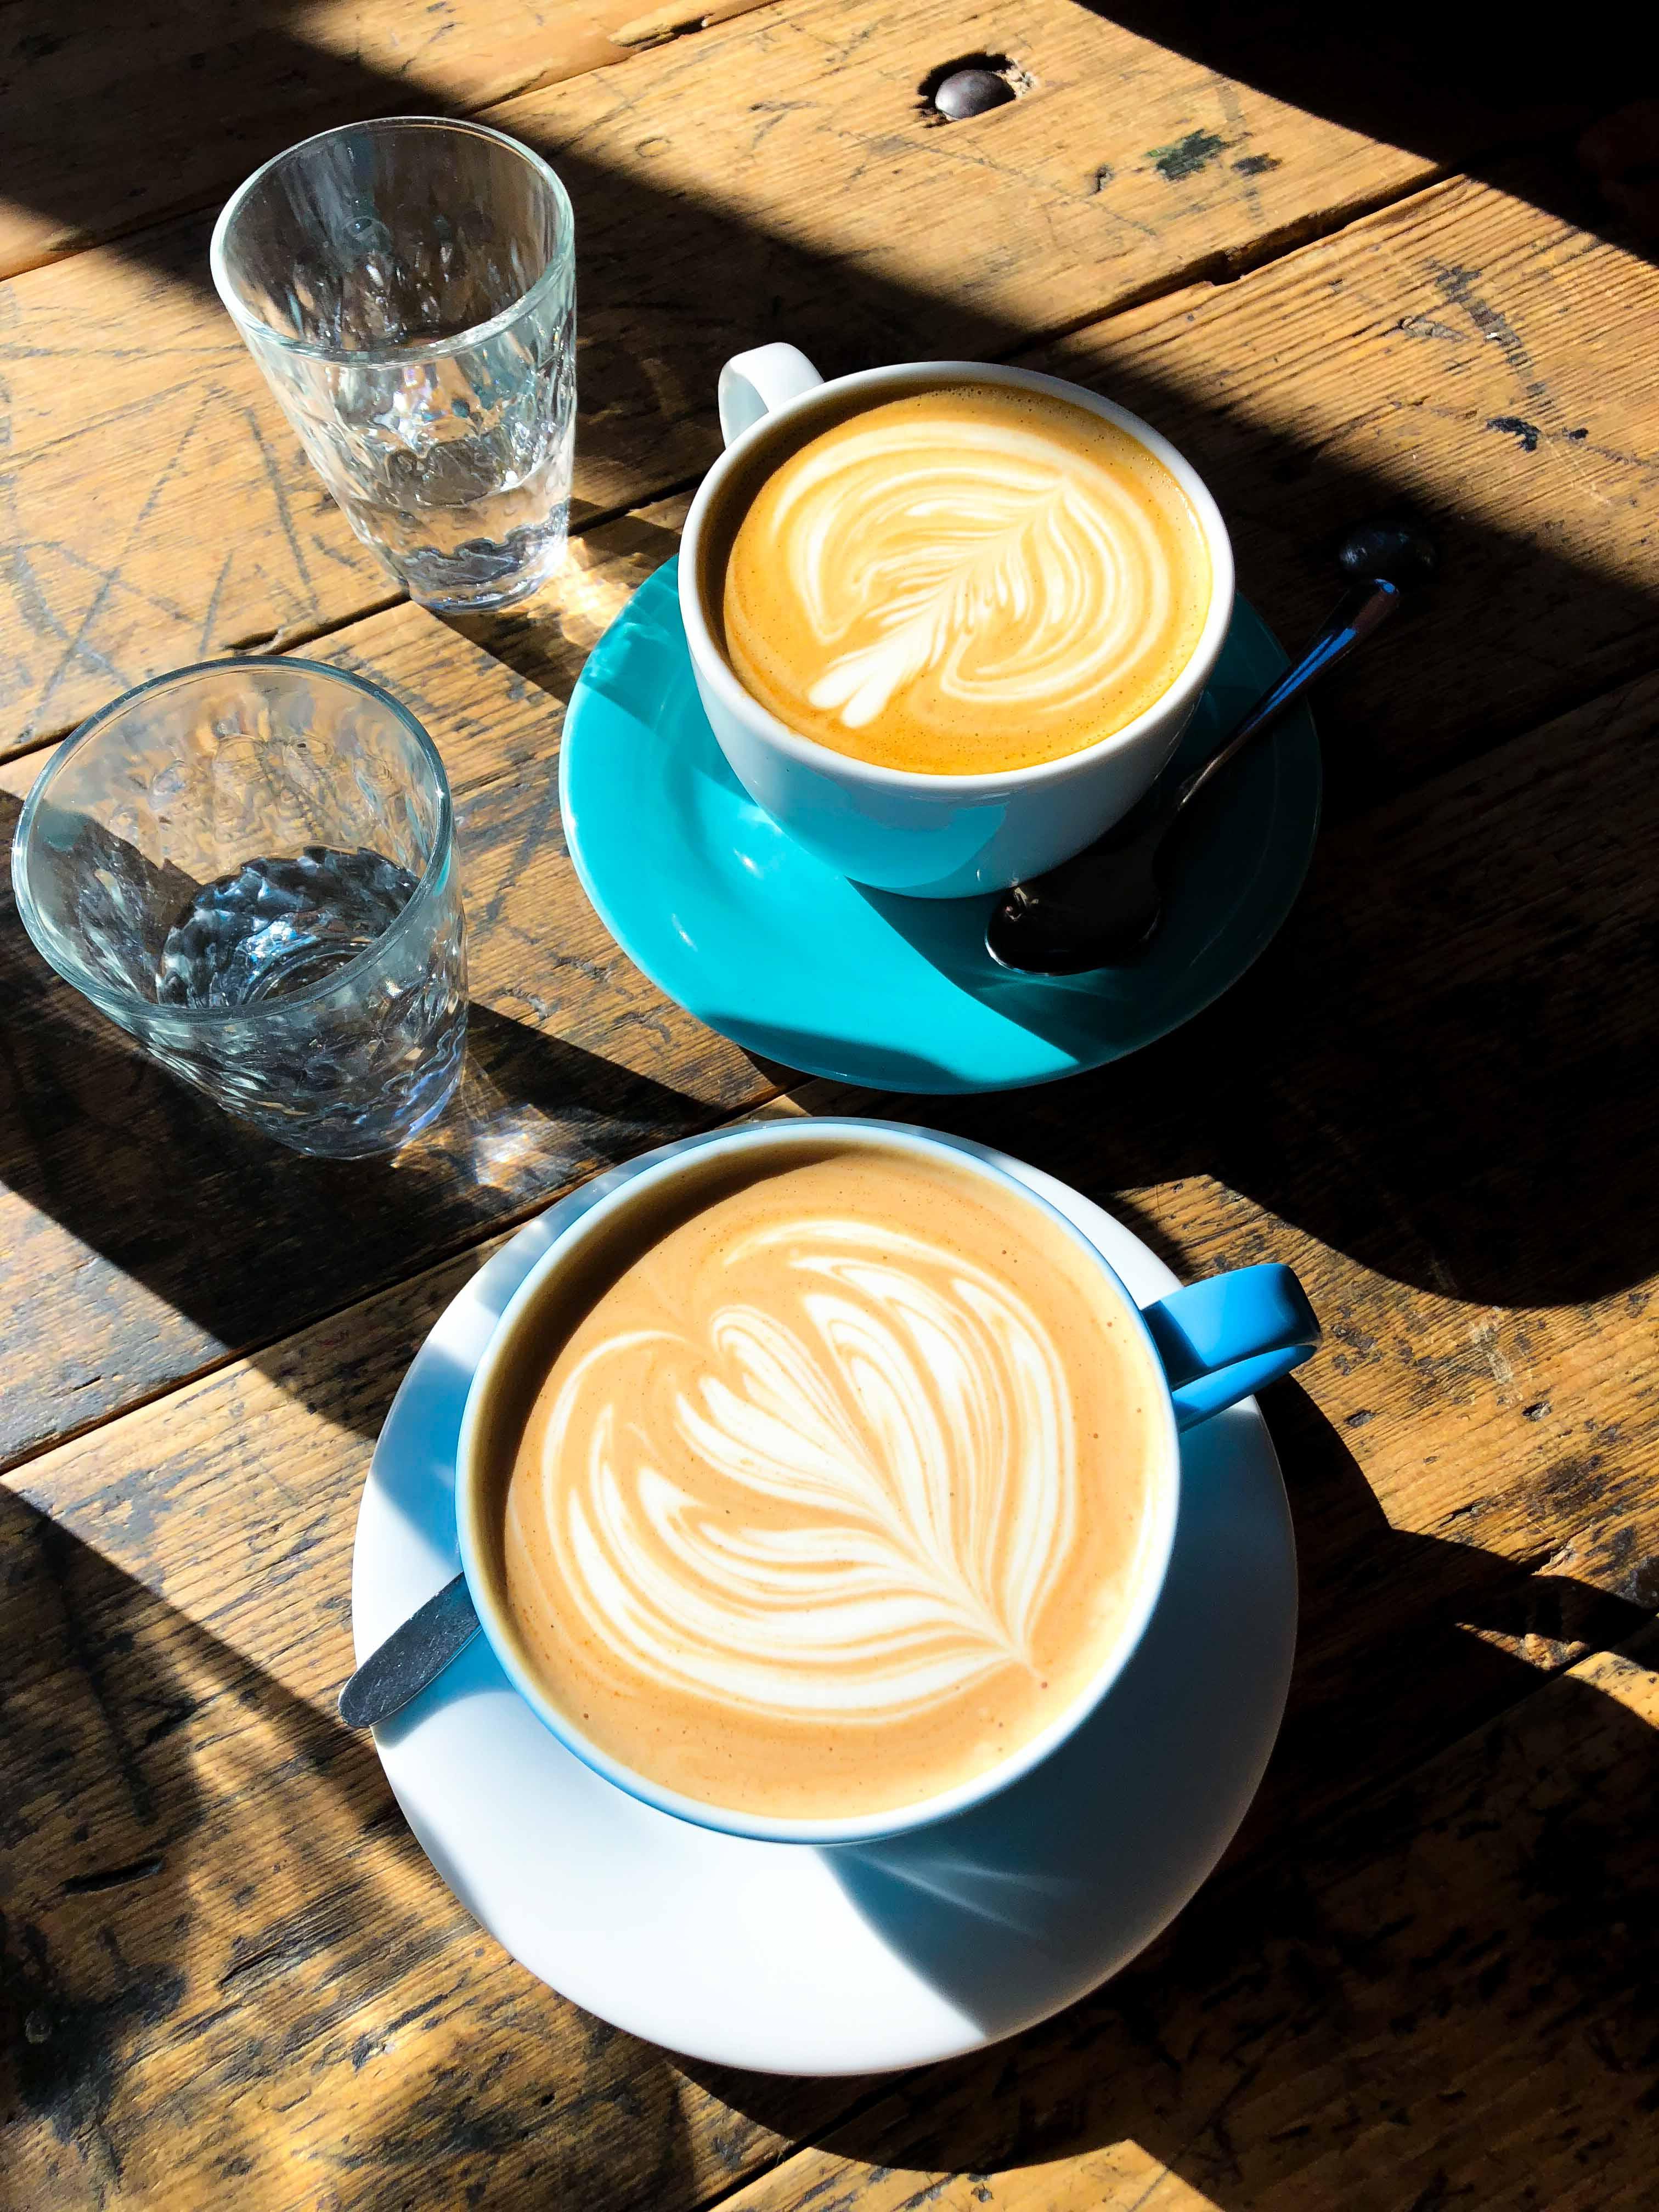 Cafe Letka Frühstück Restaurant Insider Tipps Prag Food Tipps besten Restaurants brunchen Reiseblog Chai Latte kaffee